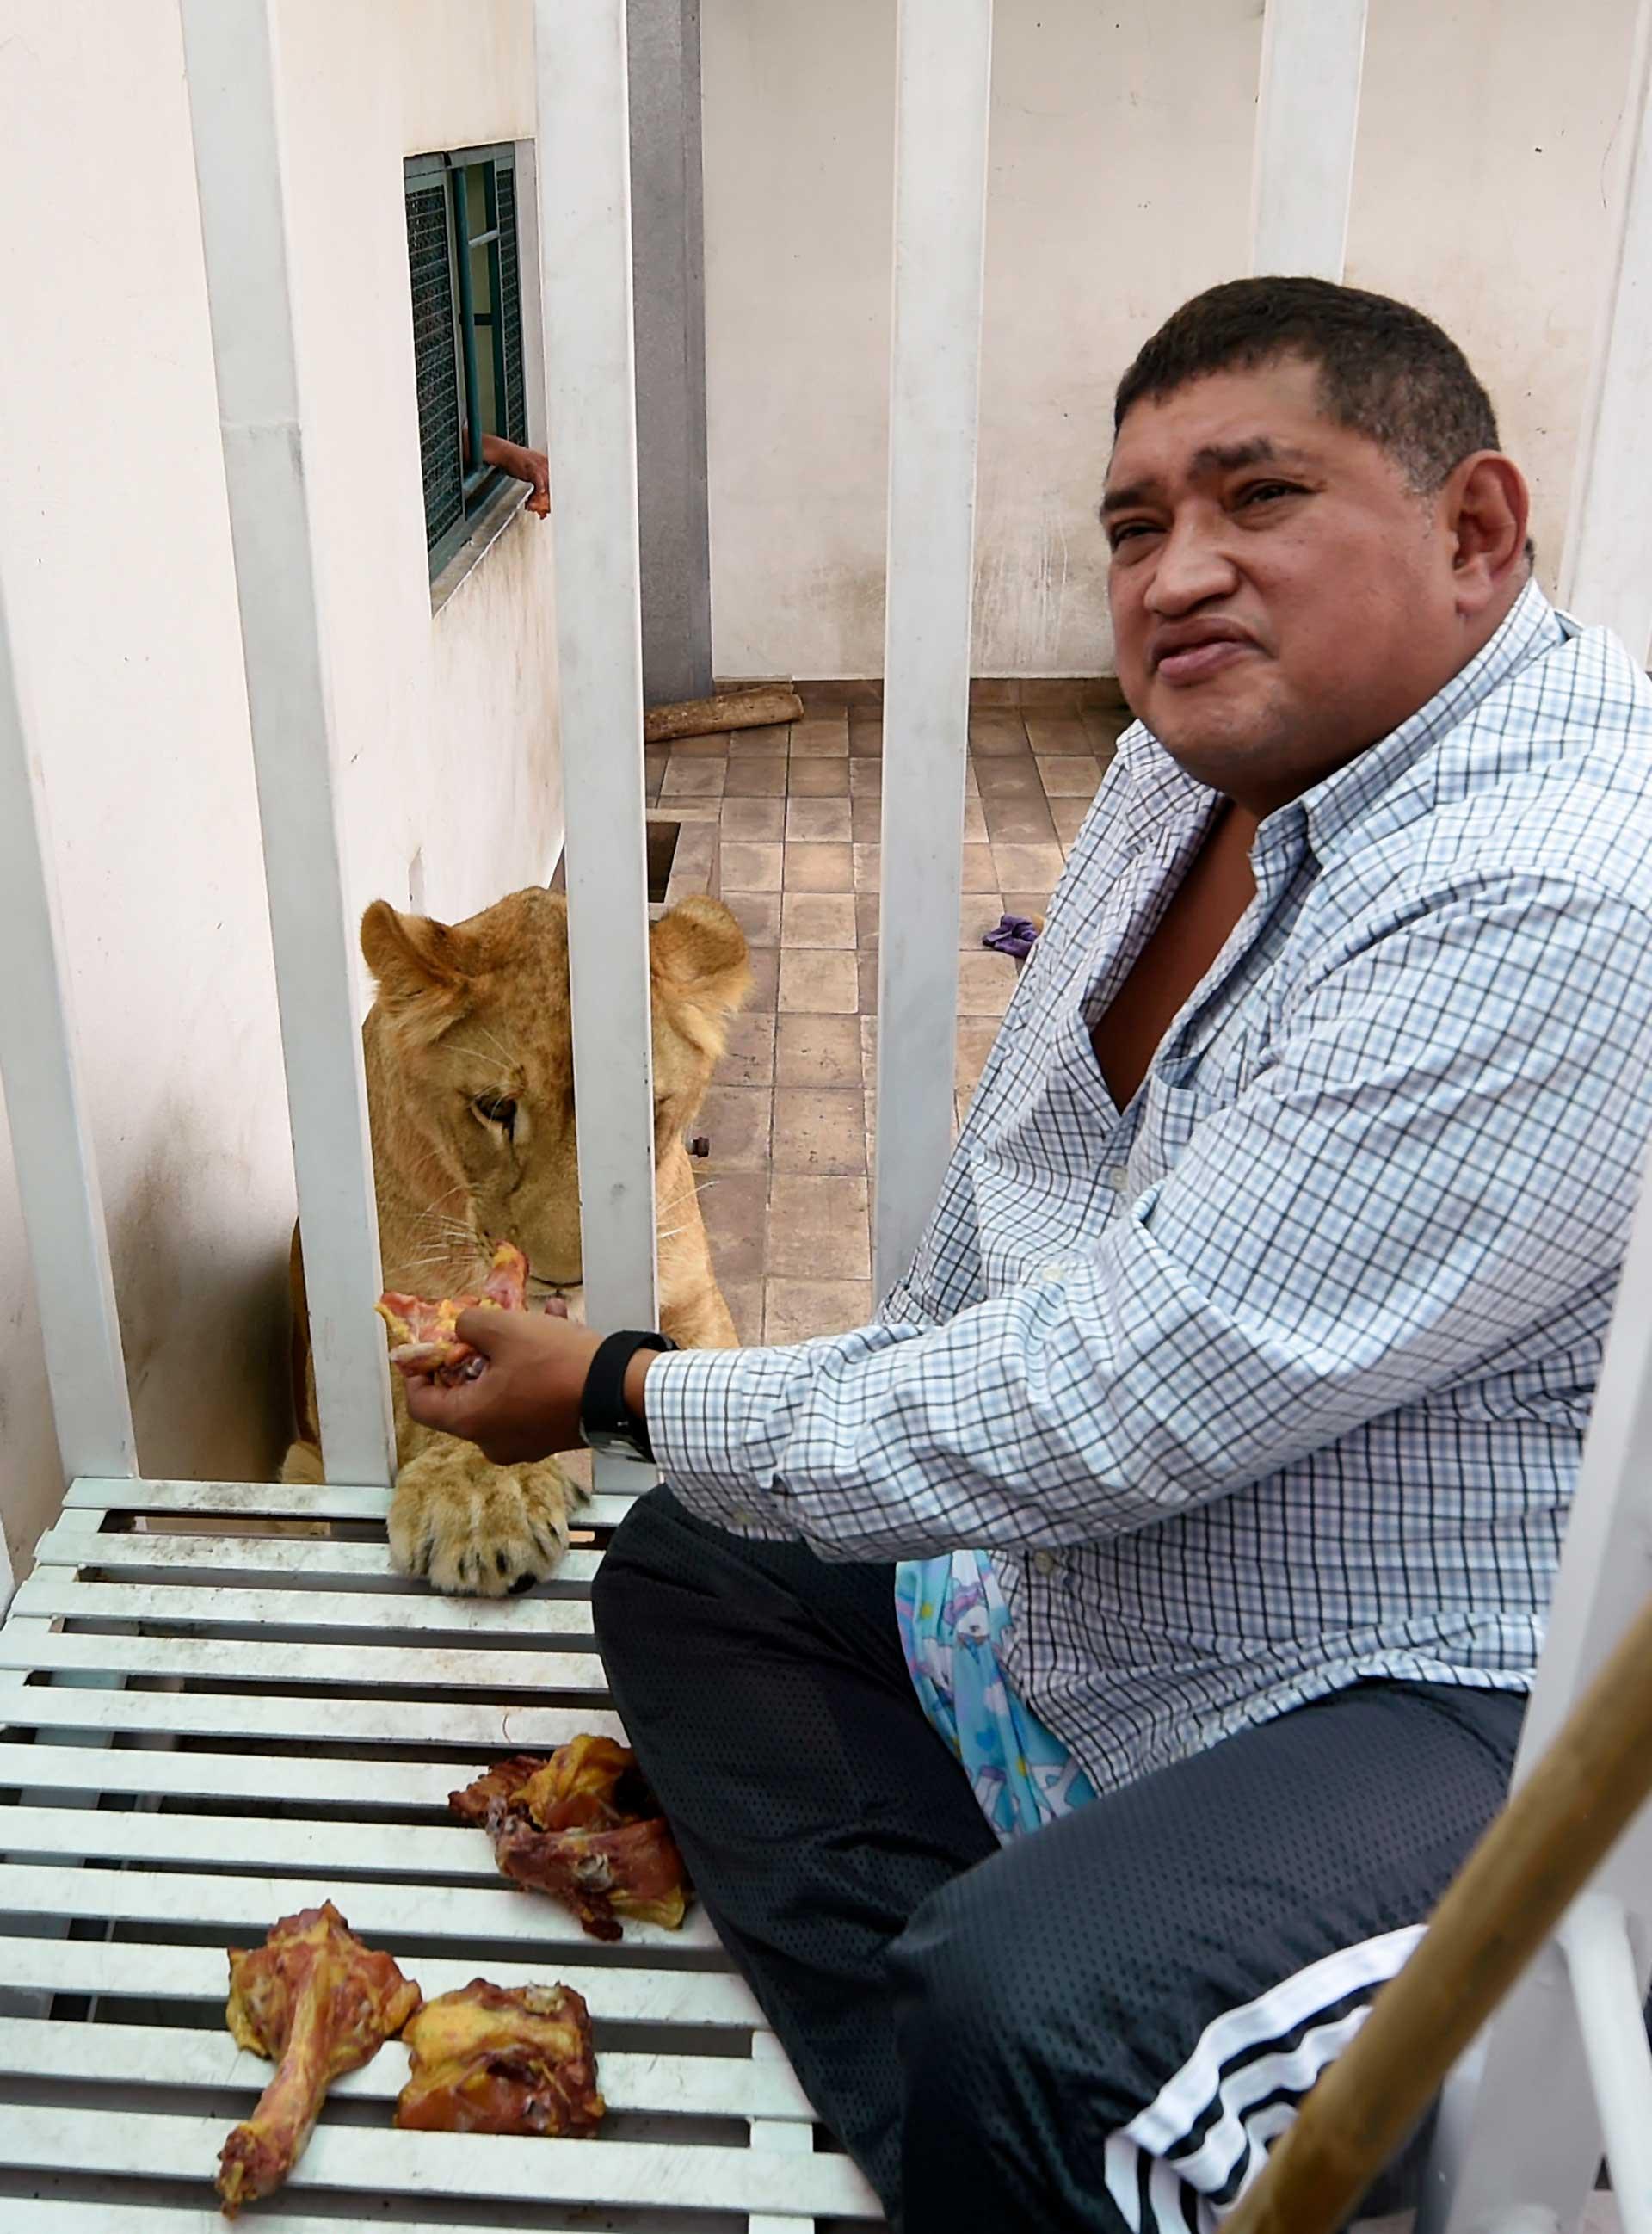 """""""Yo sí estoy bien consciente de lo que tengo, si no los manejas bien se vuelven bien incómodos, o sea no es un perro que puedas tener en la sala de tu casa"""", dice el dueño de la manada capitalina, Omar Rodríguez, un empresario de 48 años"""